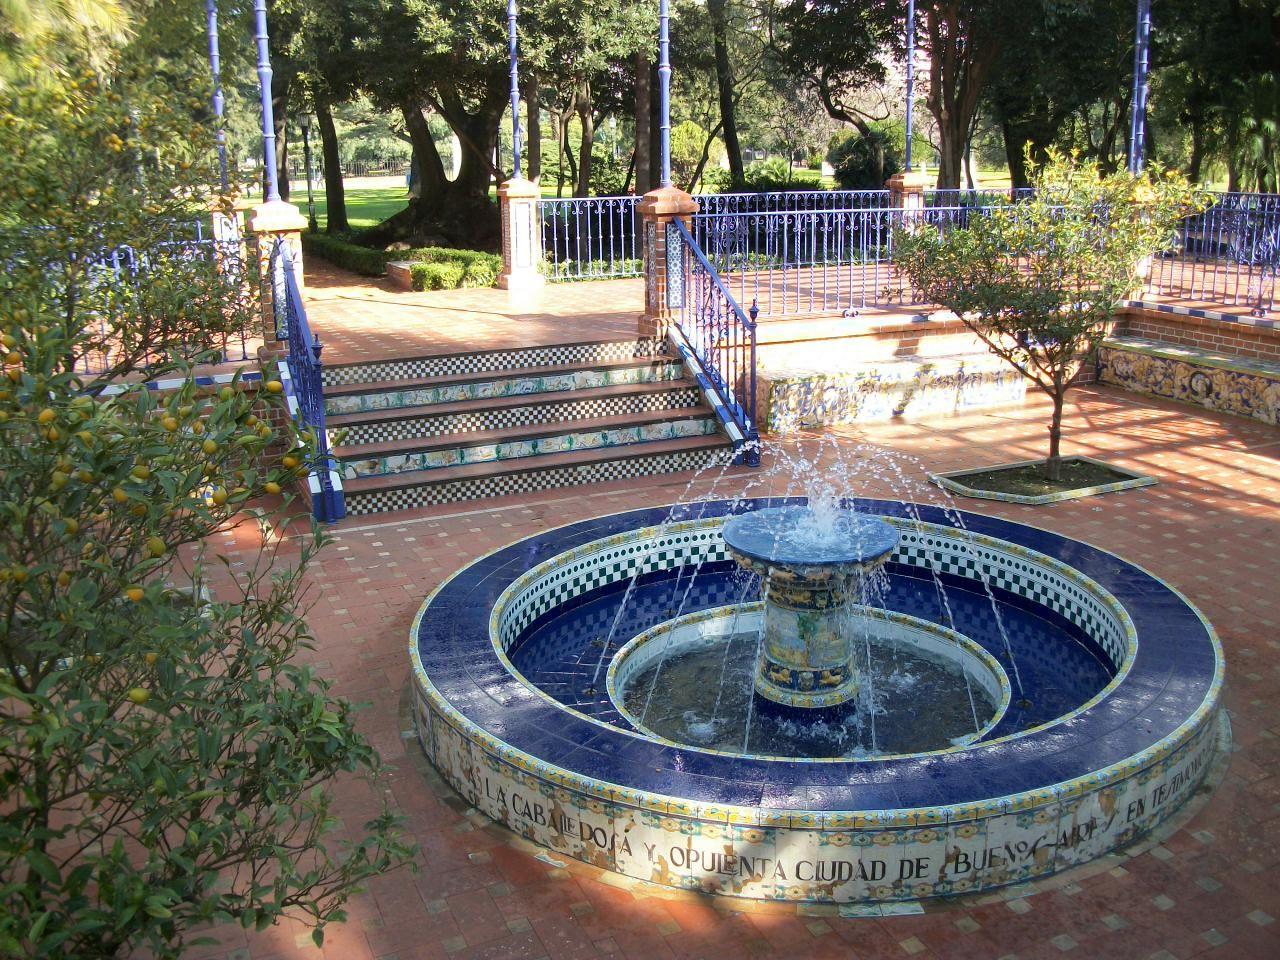 Fuente patio andaluz rosedal buenos aires argentina - Fuentes de patio ...